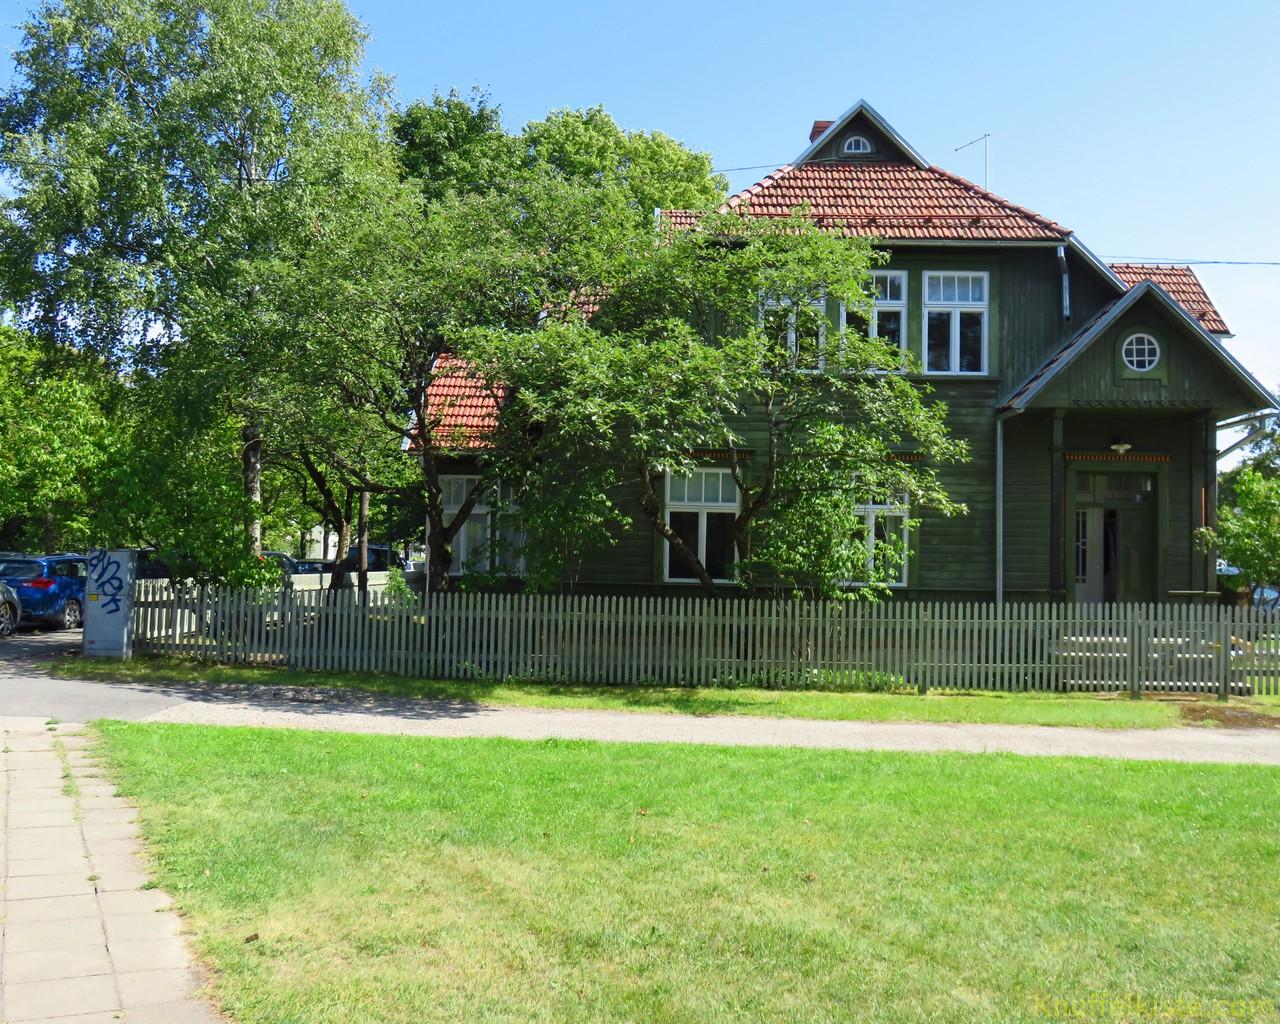 schöne Häuser in Pärnu